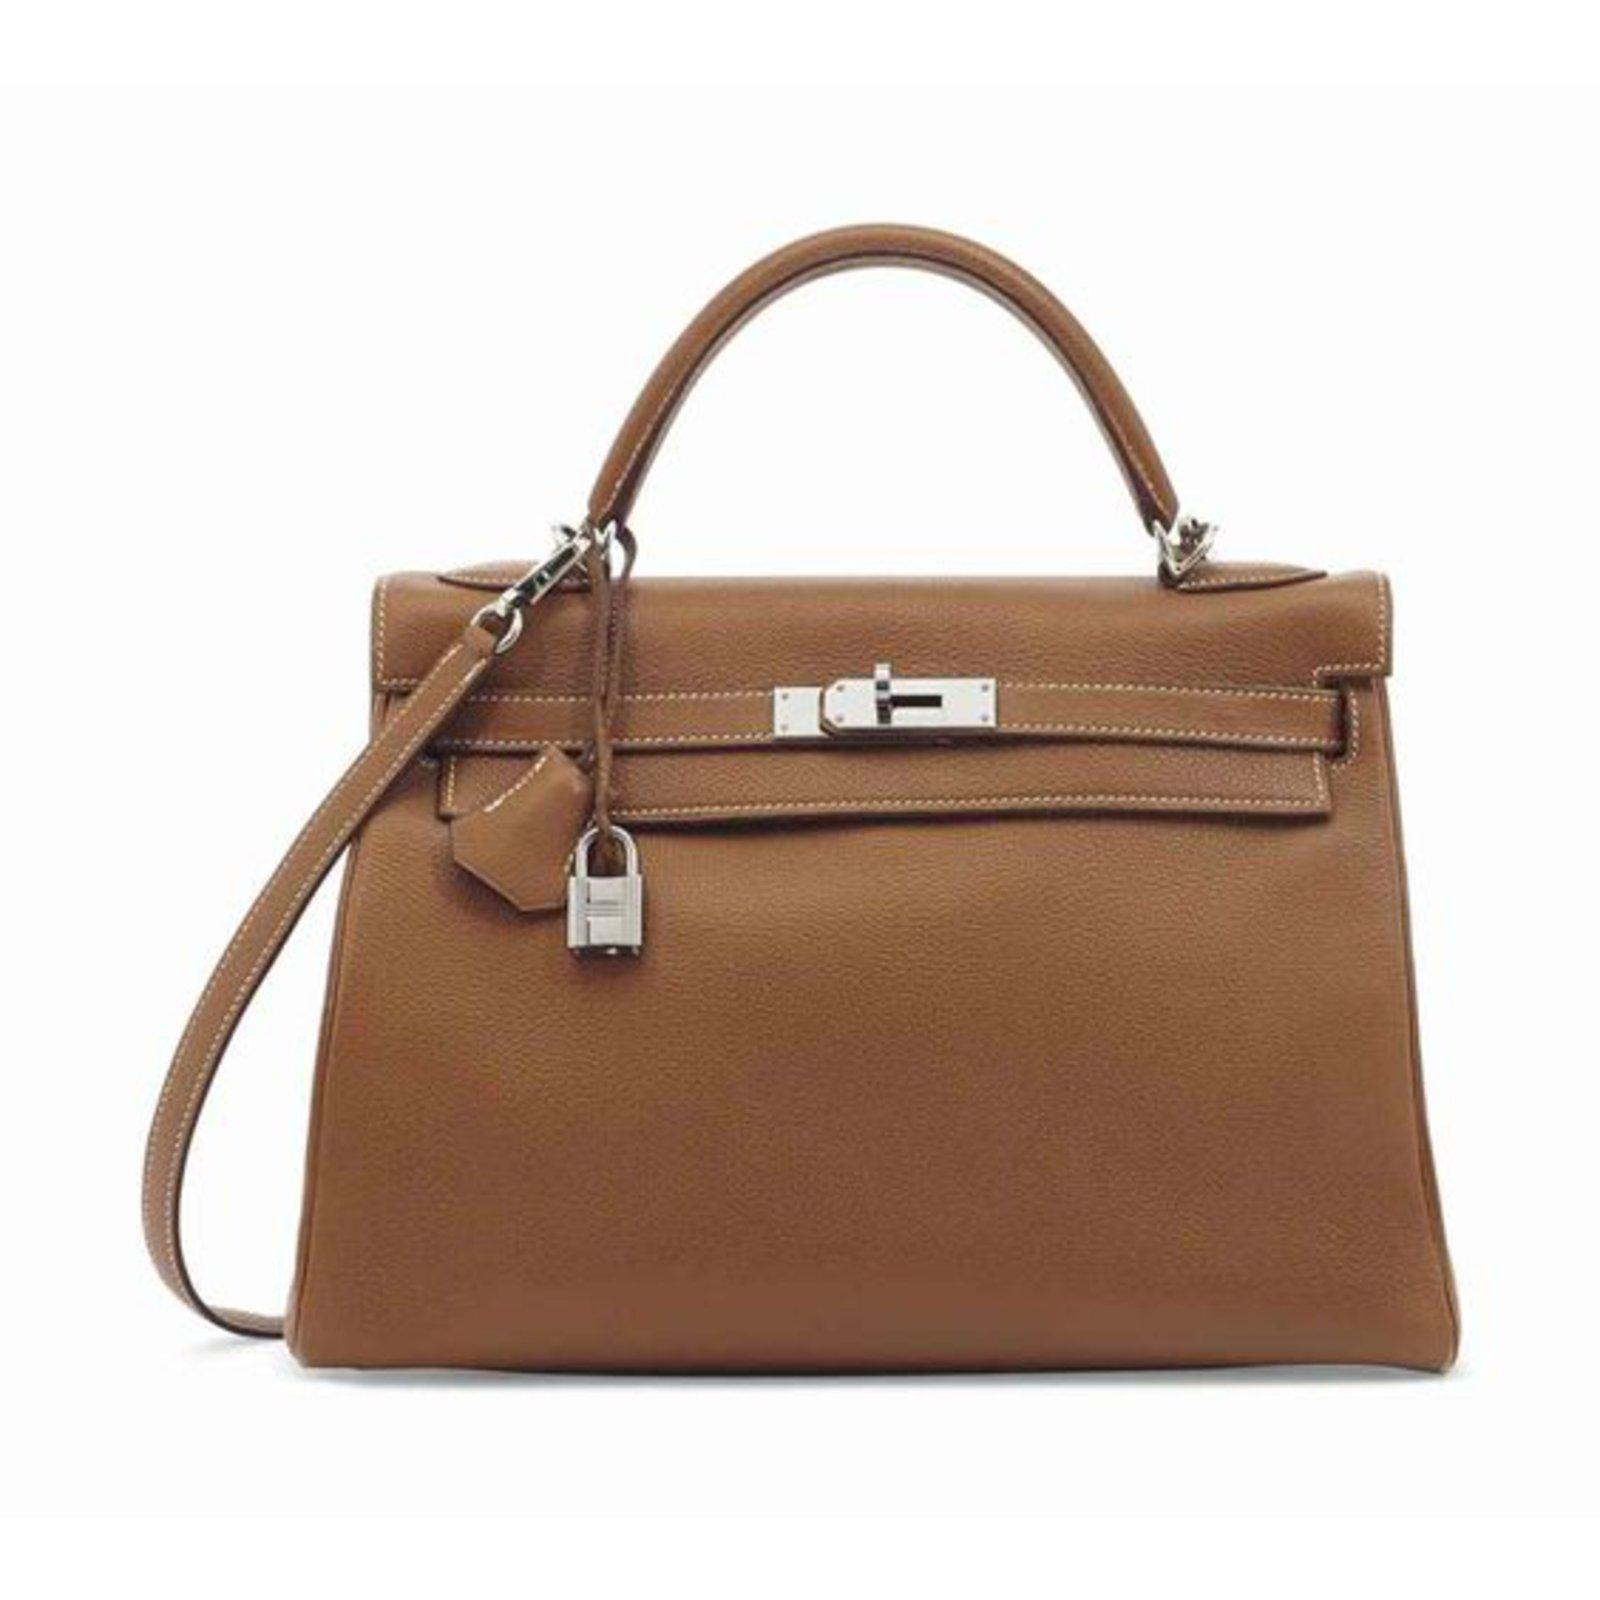 40c2d2a32209 ... purchase sacs à main hermès magnifique sac hermes kelly 35 cm cuir togo  gold bijouterie palladium ...